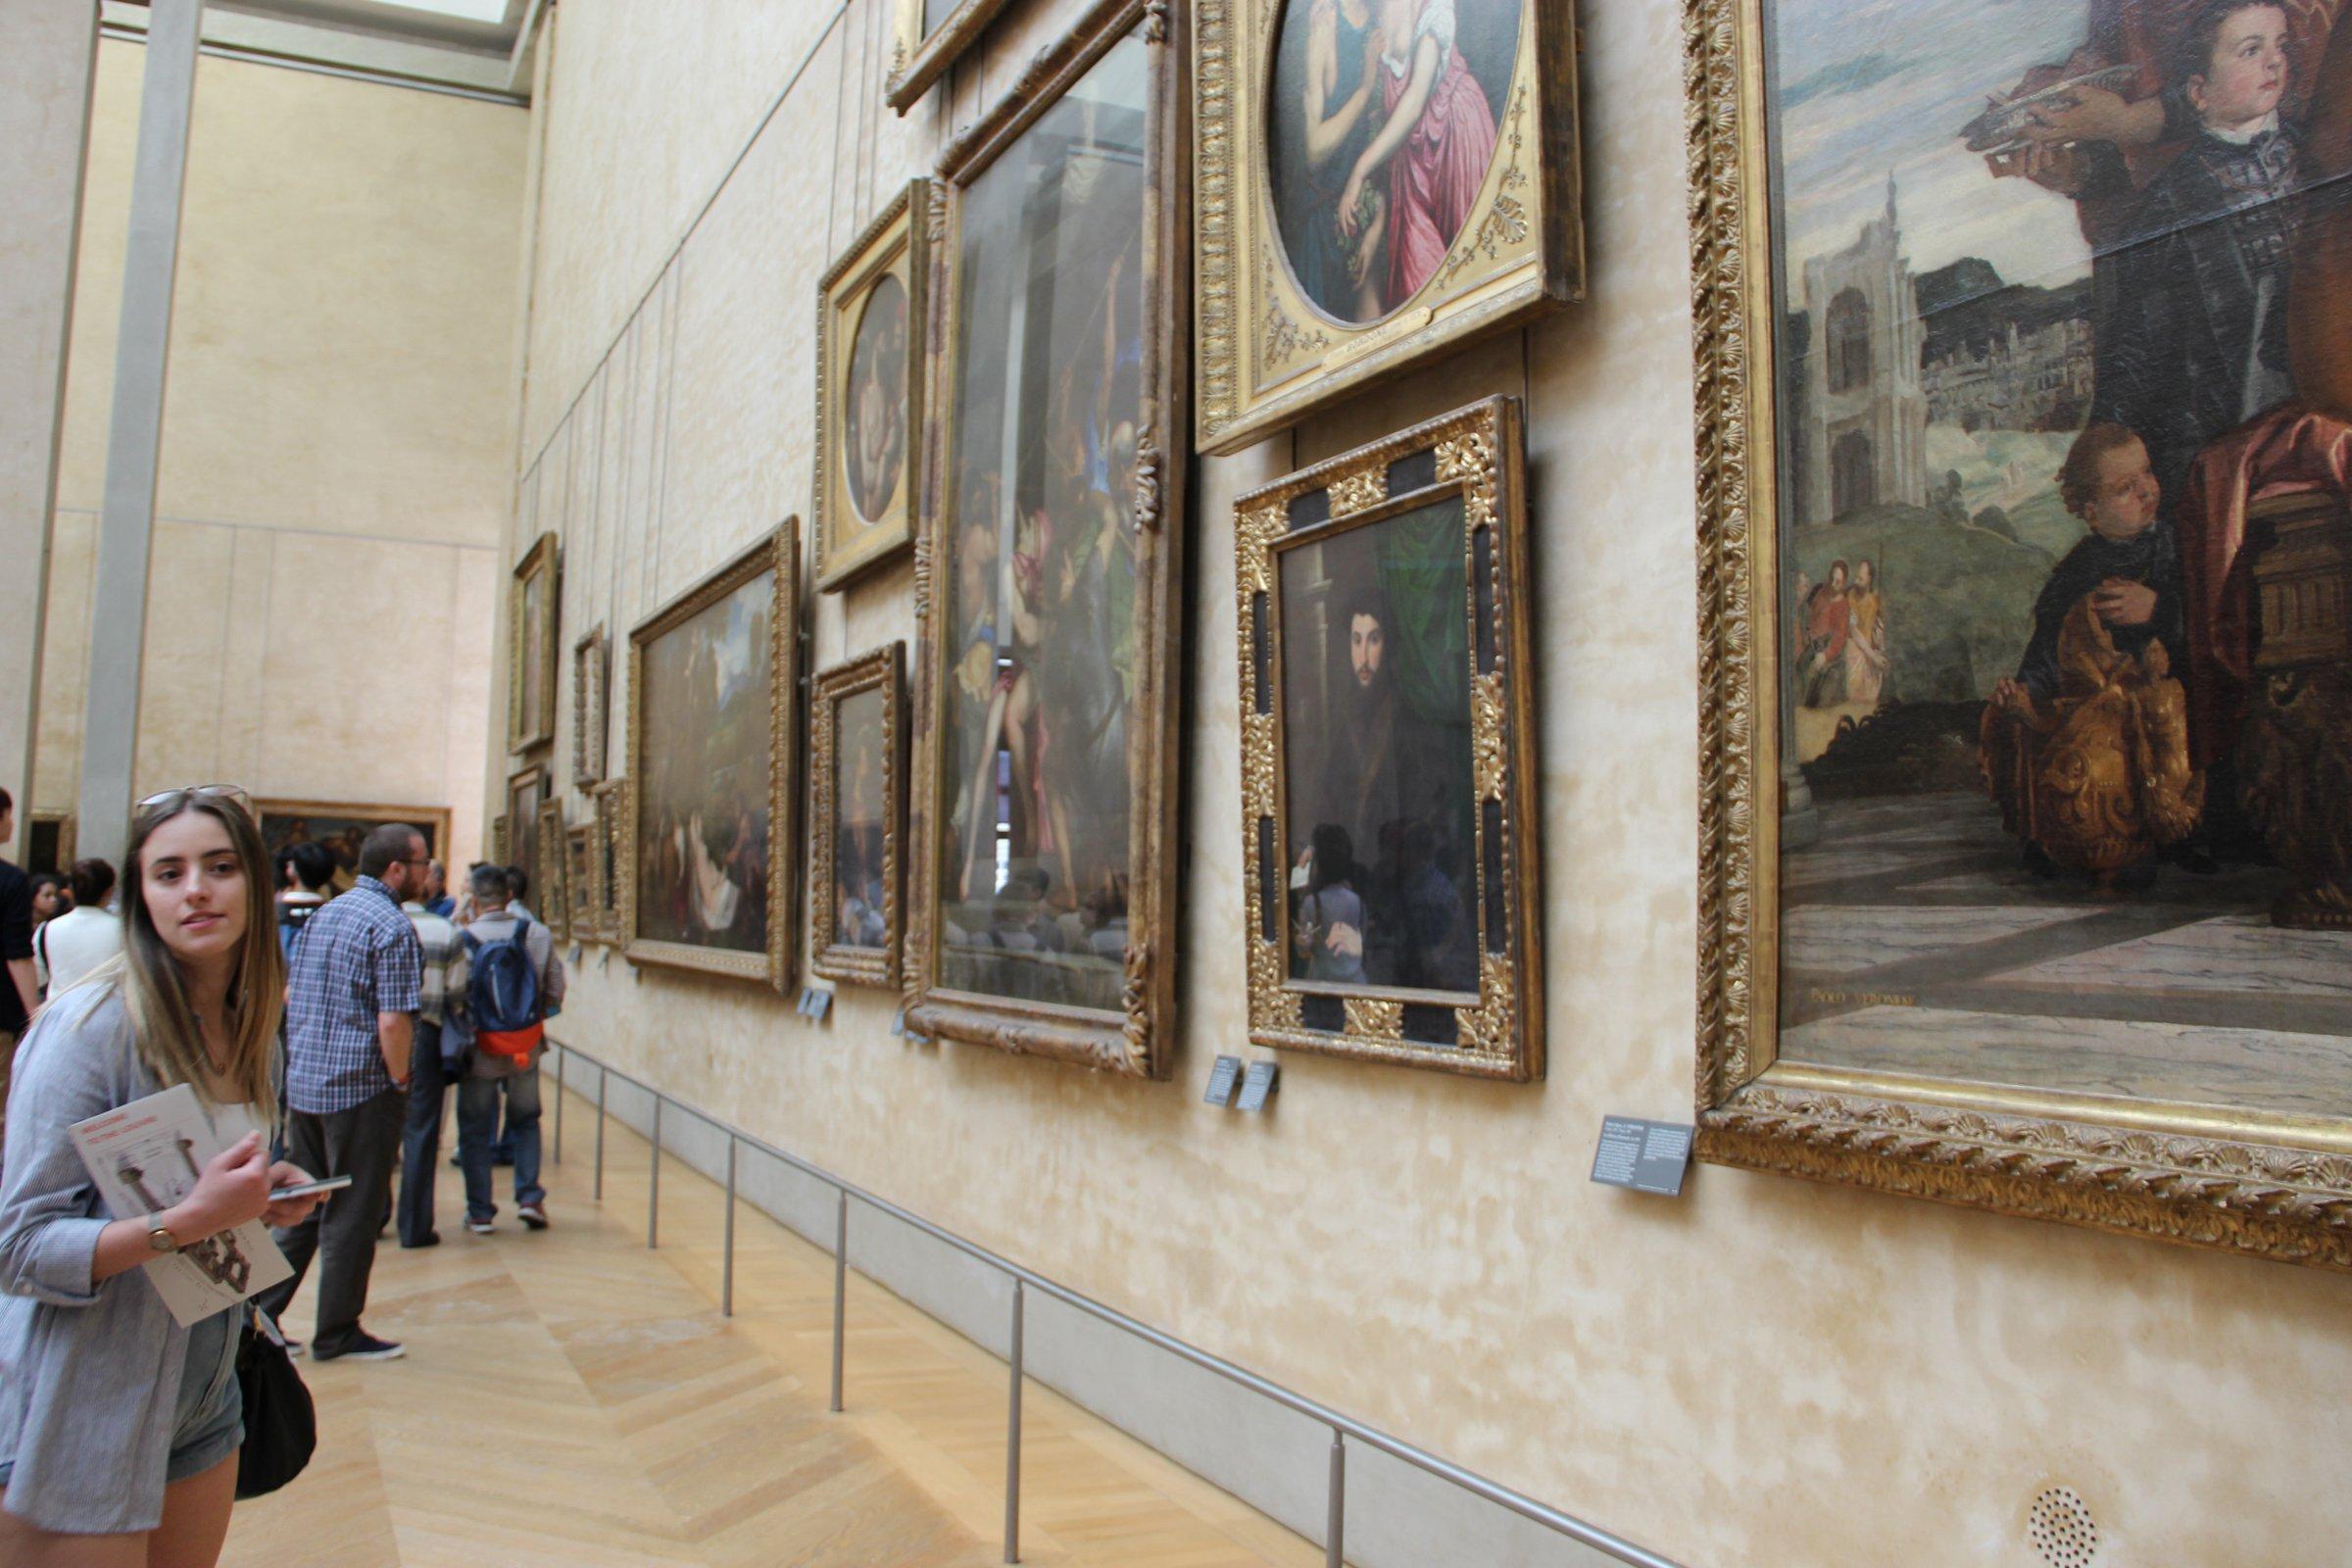 People Looking at Paintings in Museum